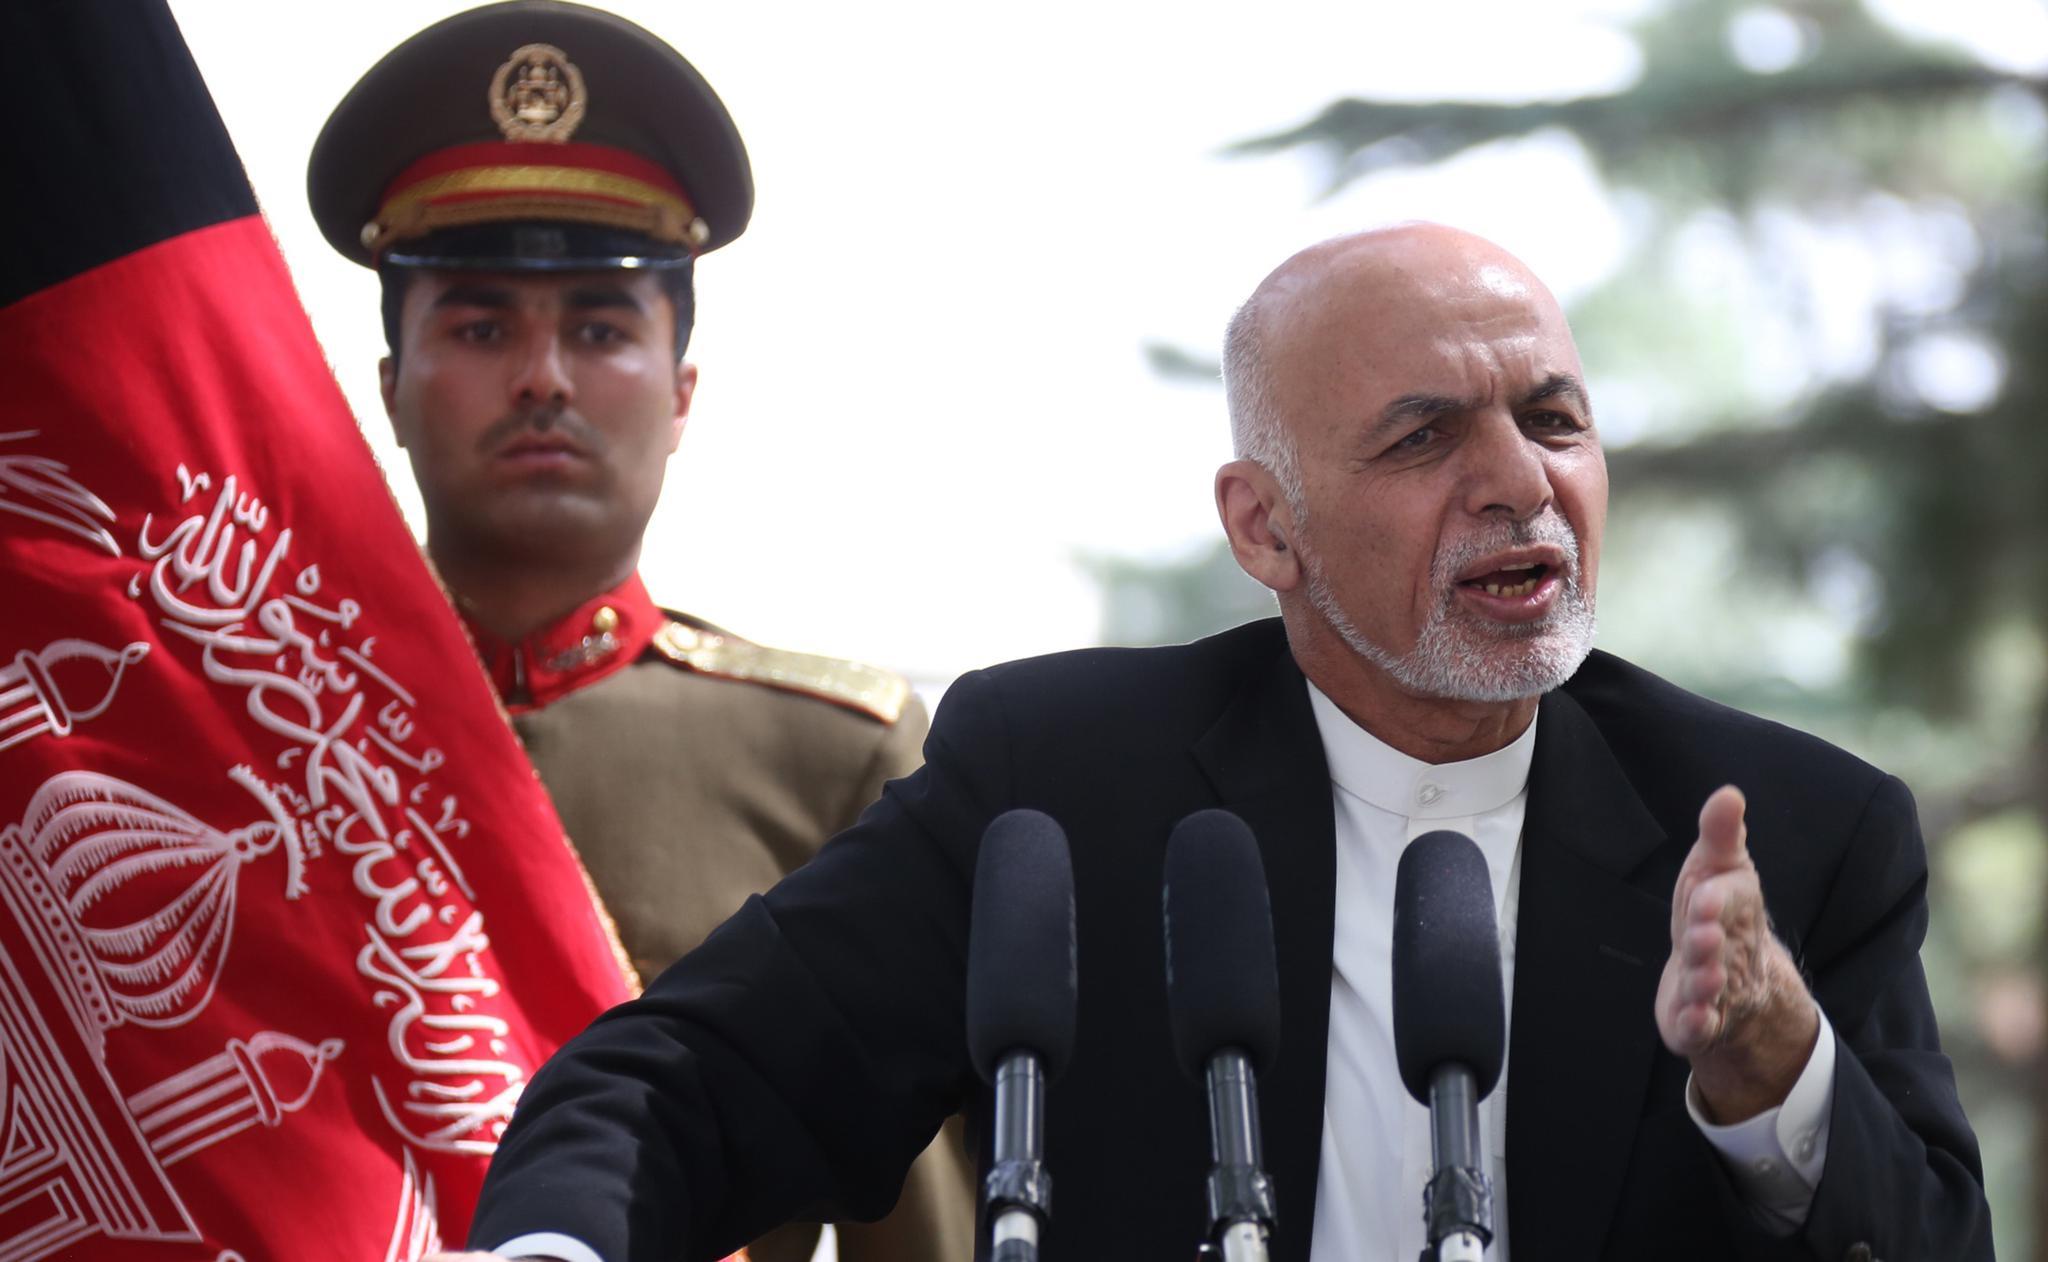 Скоро мы нанесем поражение движению «Талибан», — заявил Ашраф Гани